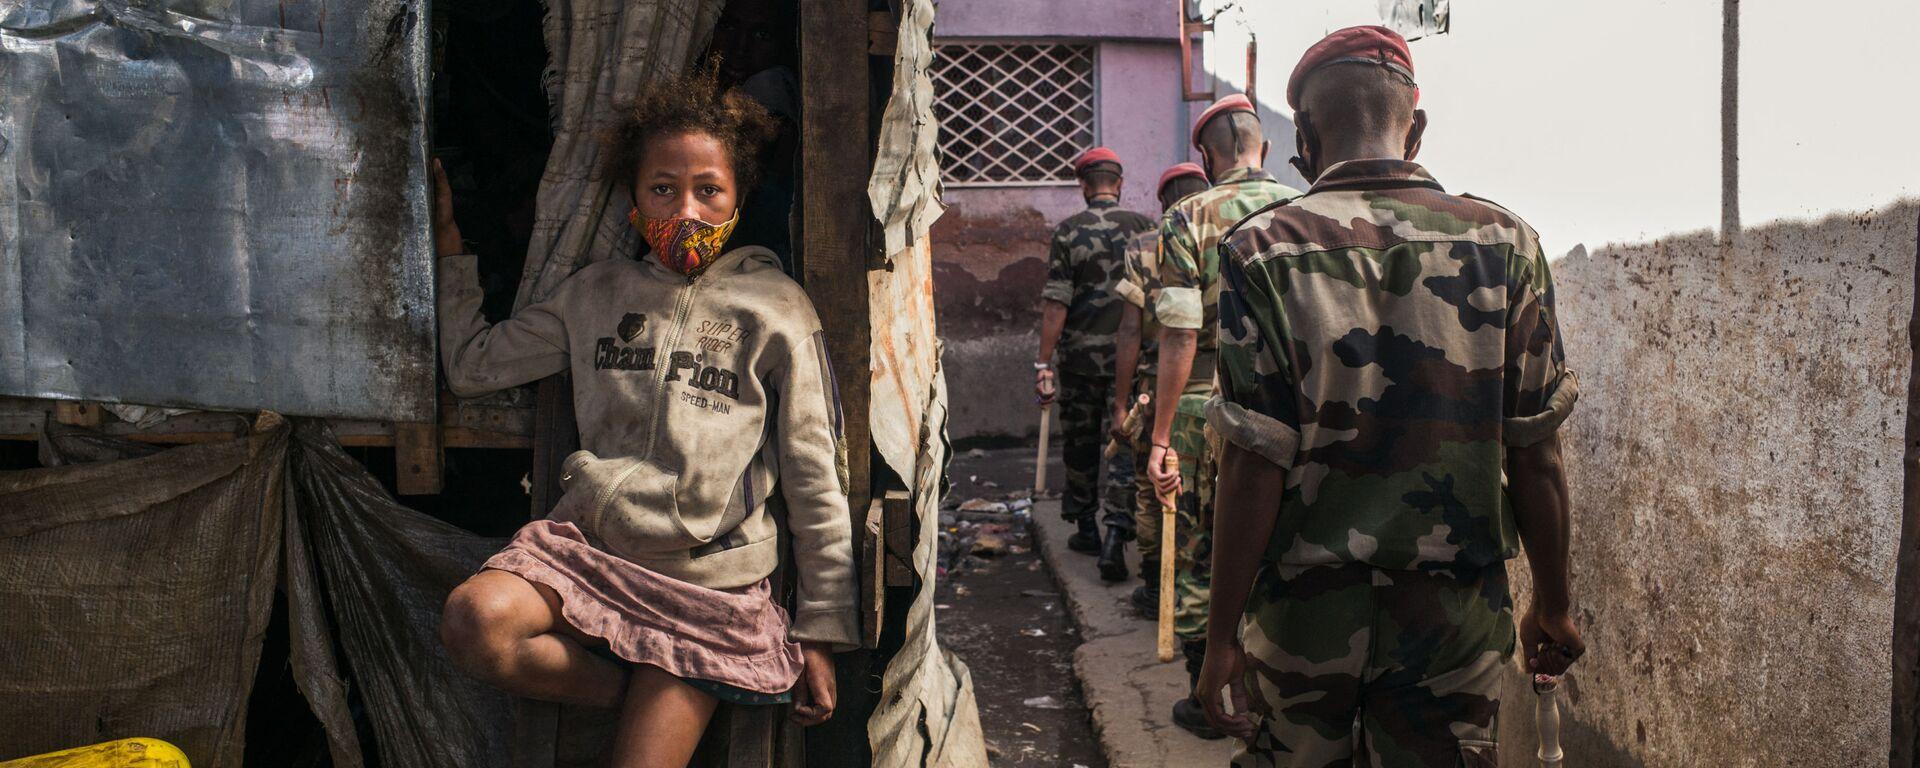 Dítě v Antananarivu - Sputnik Česká republika, 1920, 06.05.2021